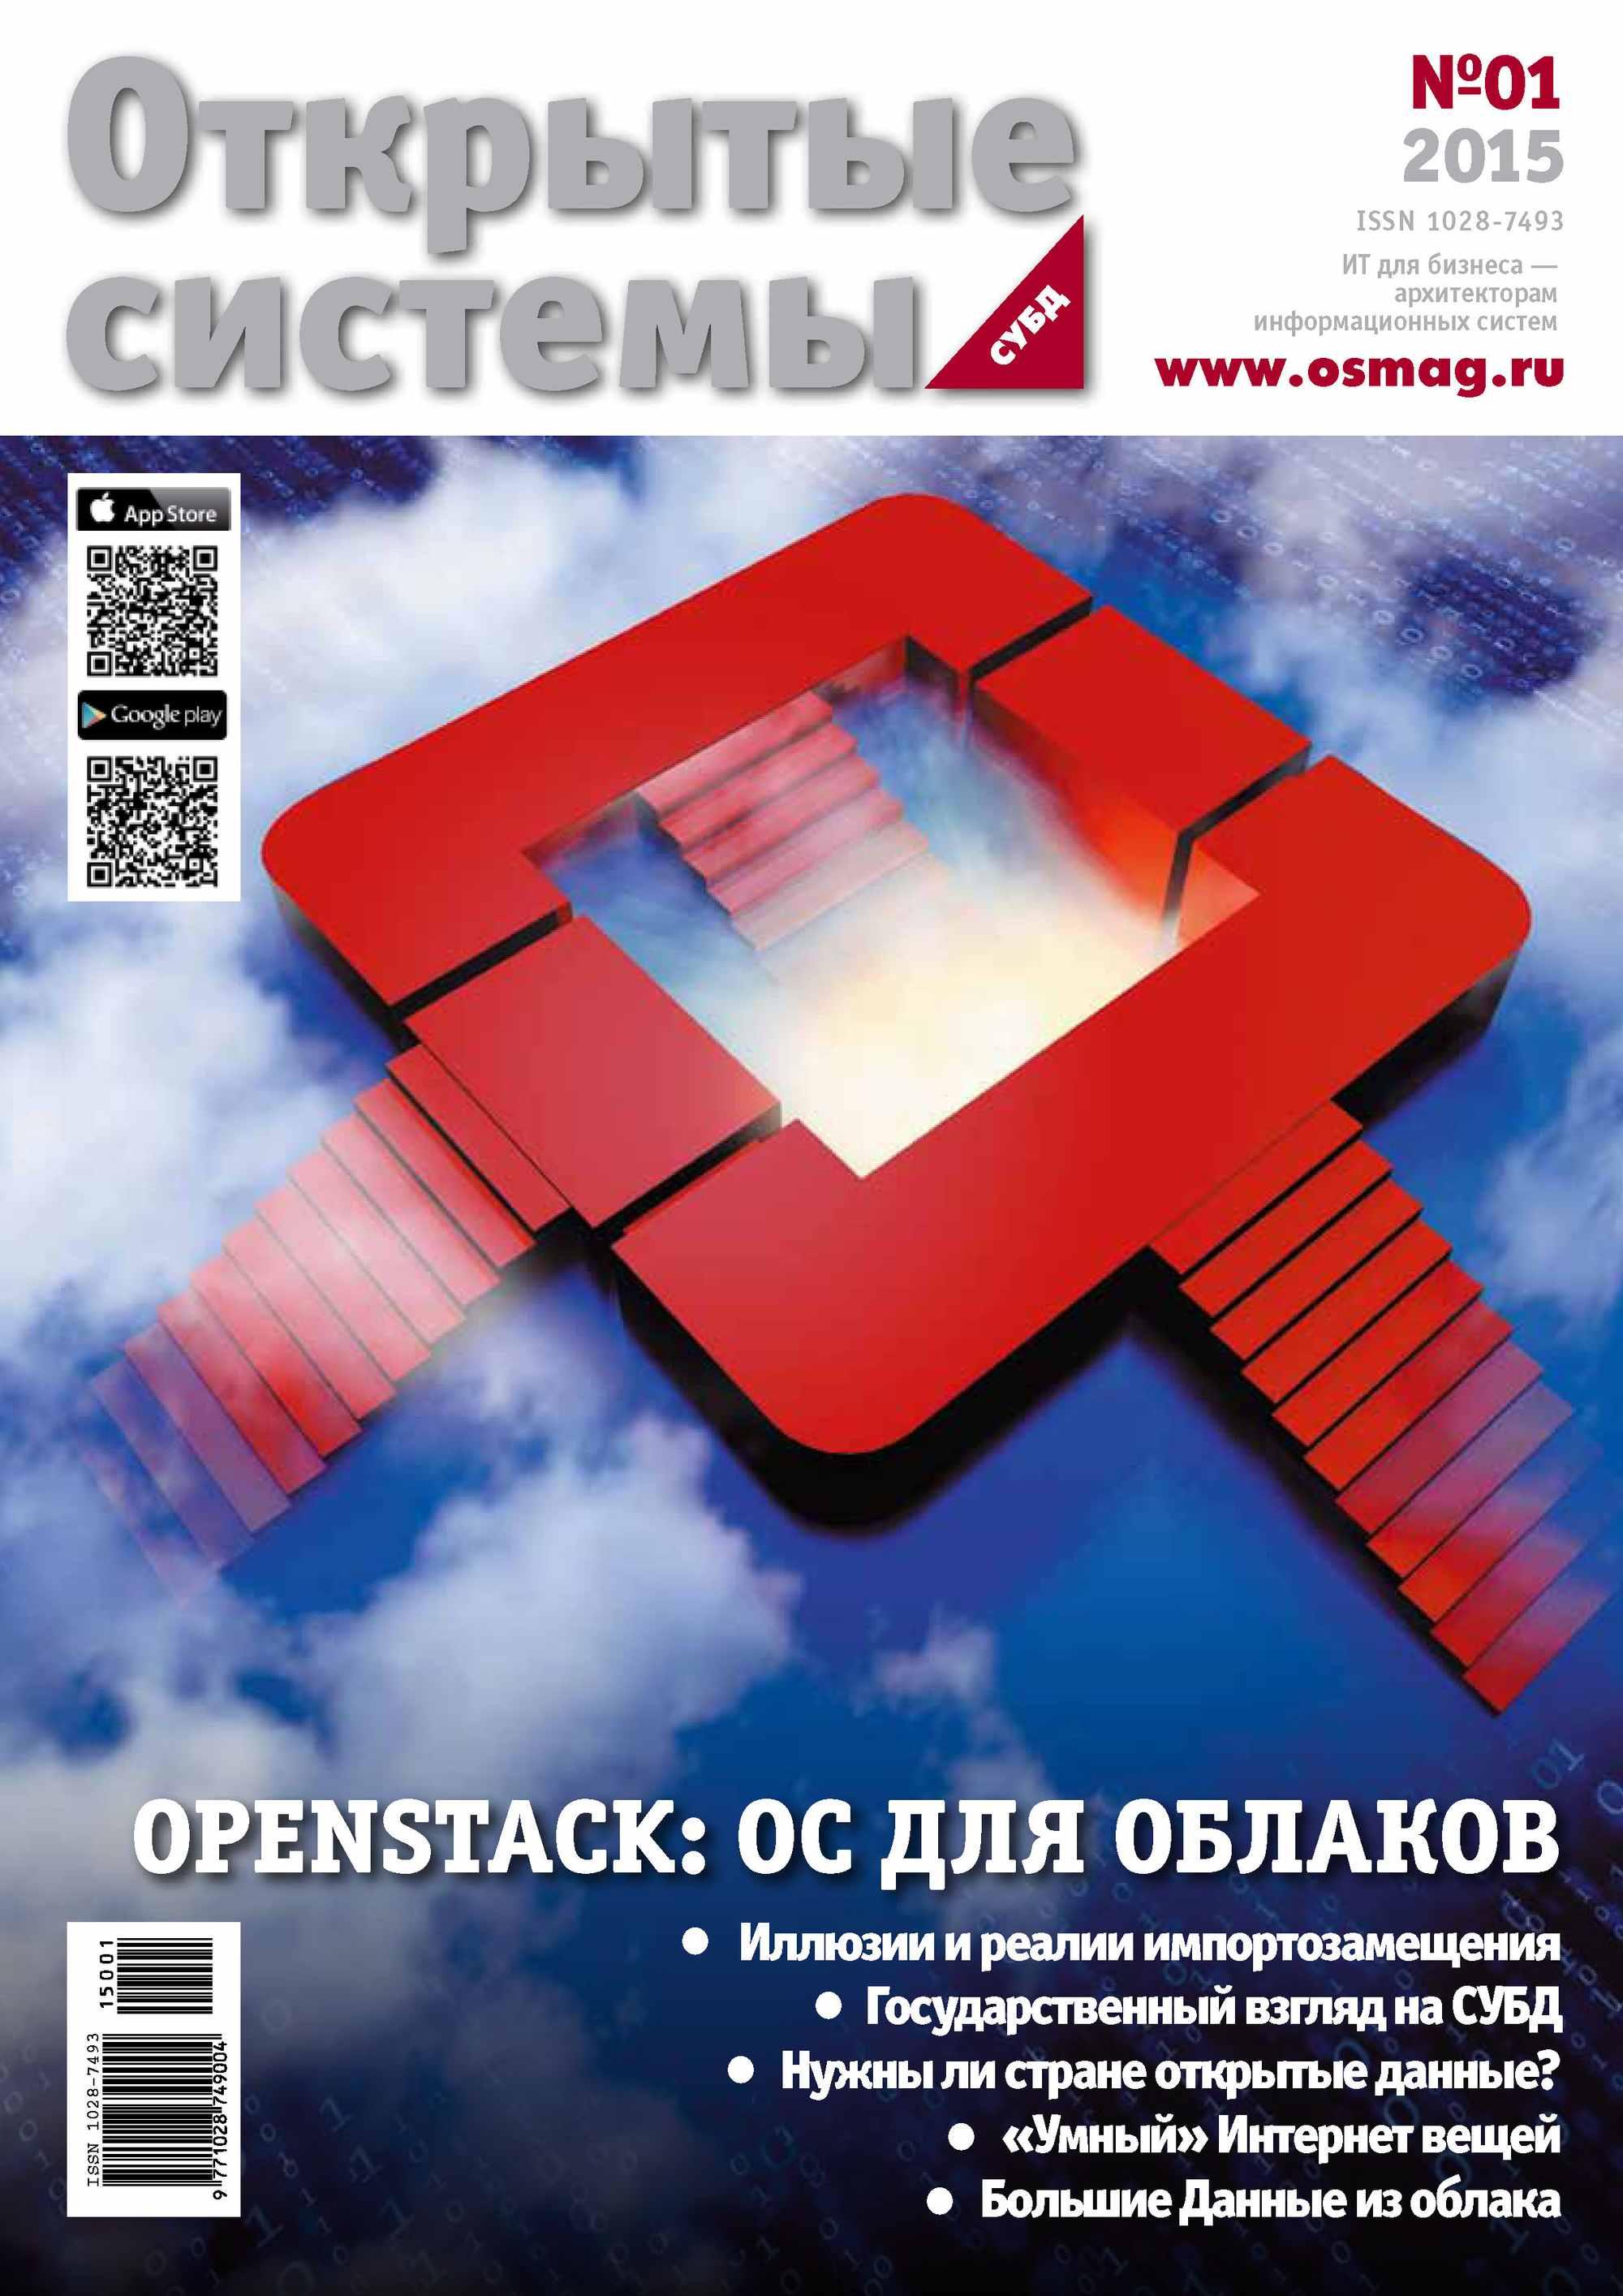 Открытые системы Открытые системы. СУБД №01/2015 редакция журнала открытые системы субд открытые системы субд 02 2017